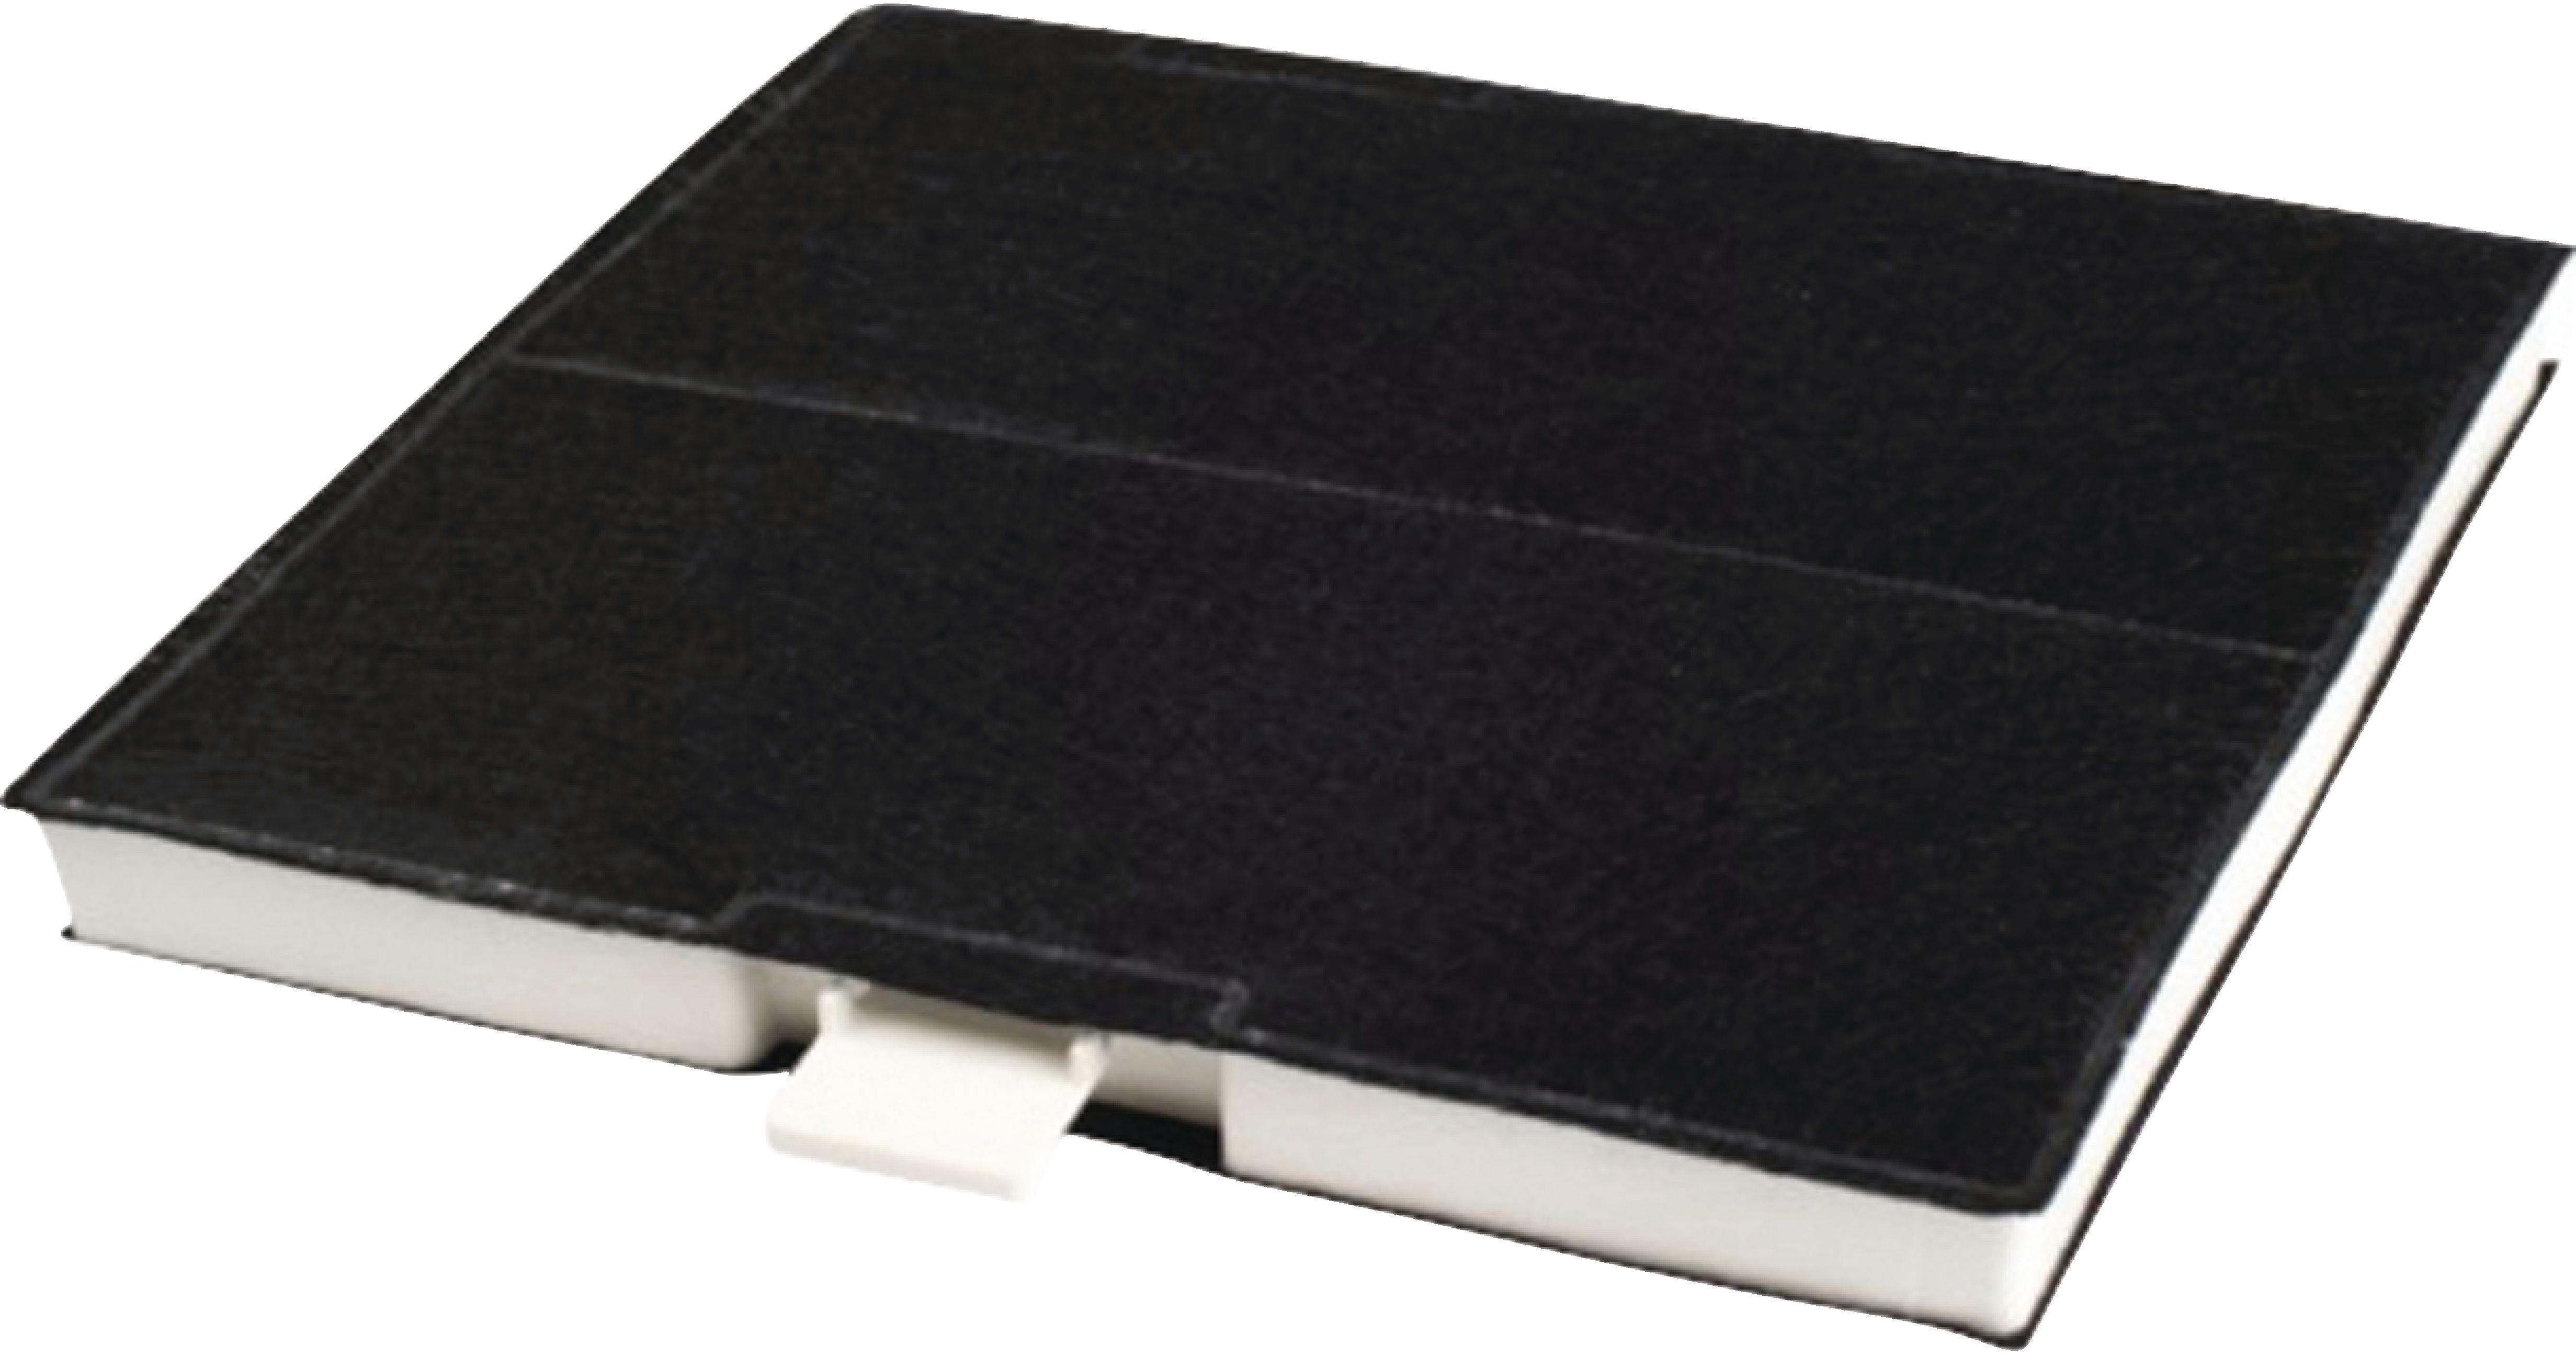 Uhlíkový filtr do digestoře Bosh/Siemens, 25 x 23.7 cm Bosh 744075